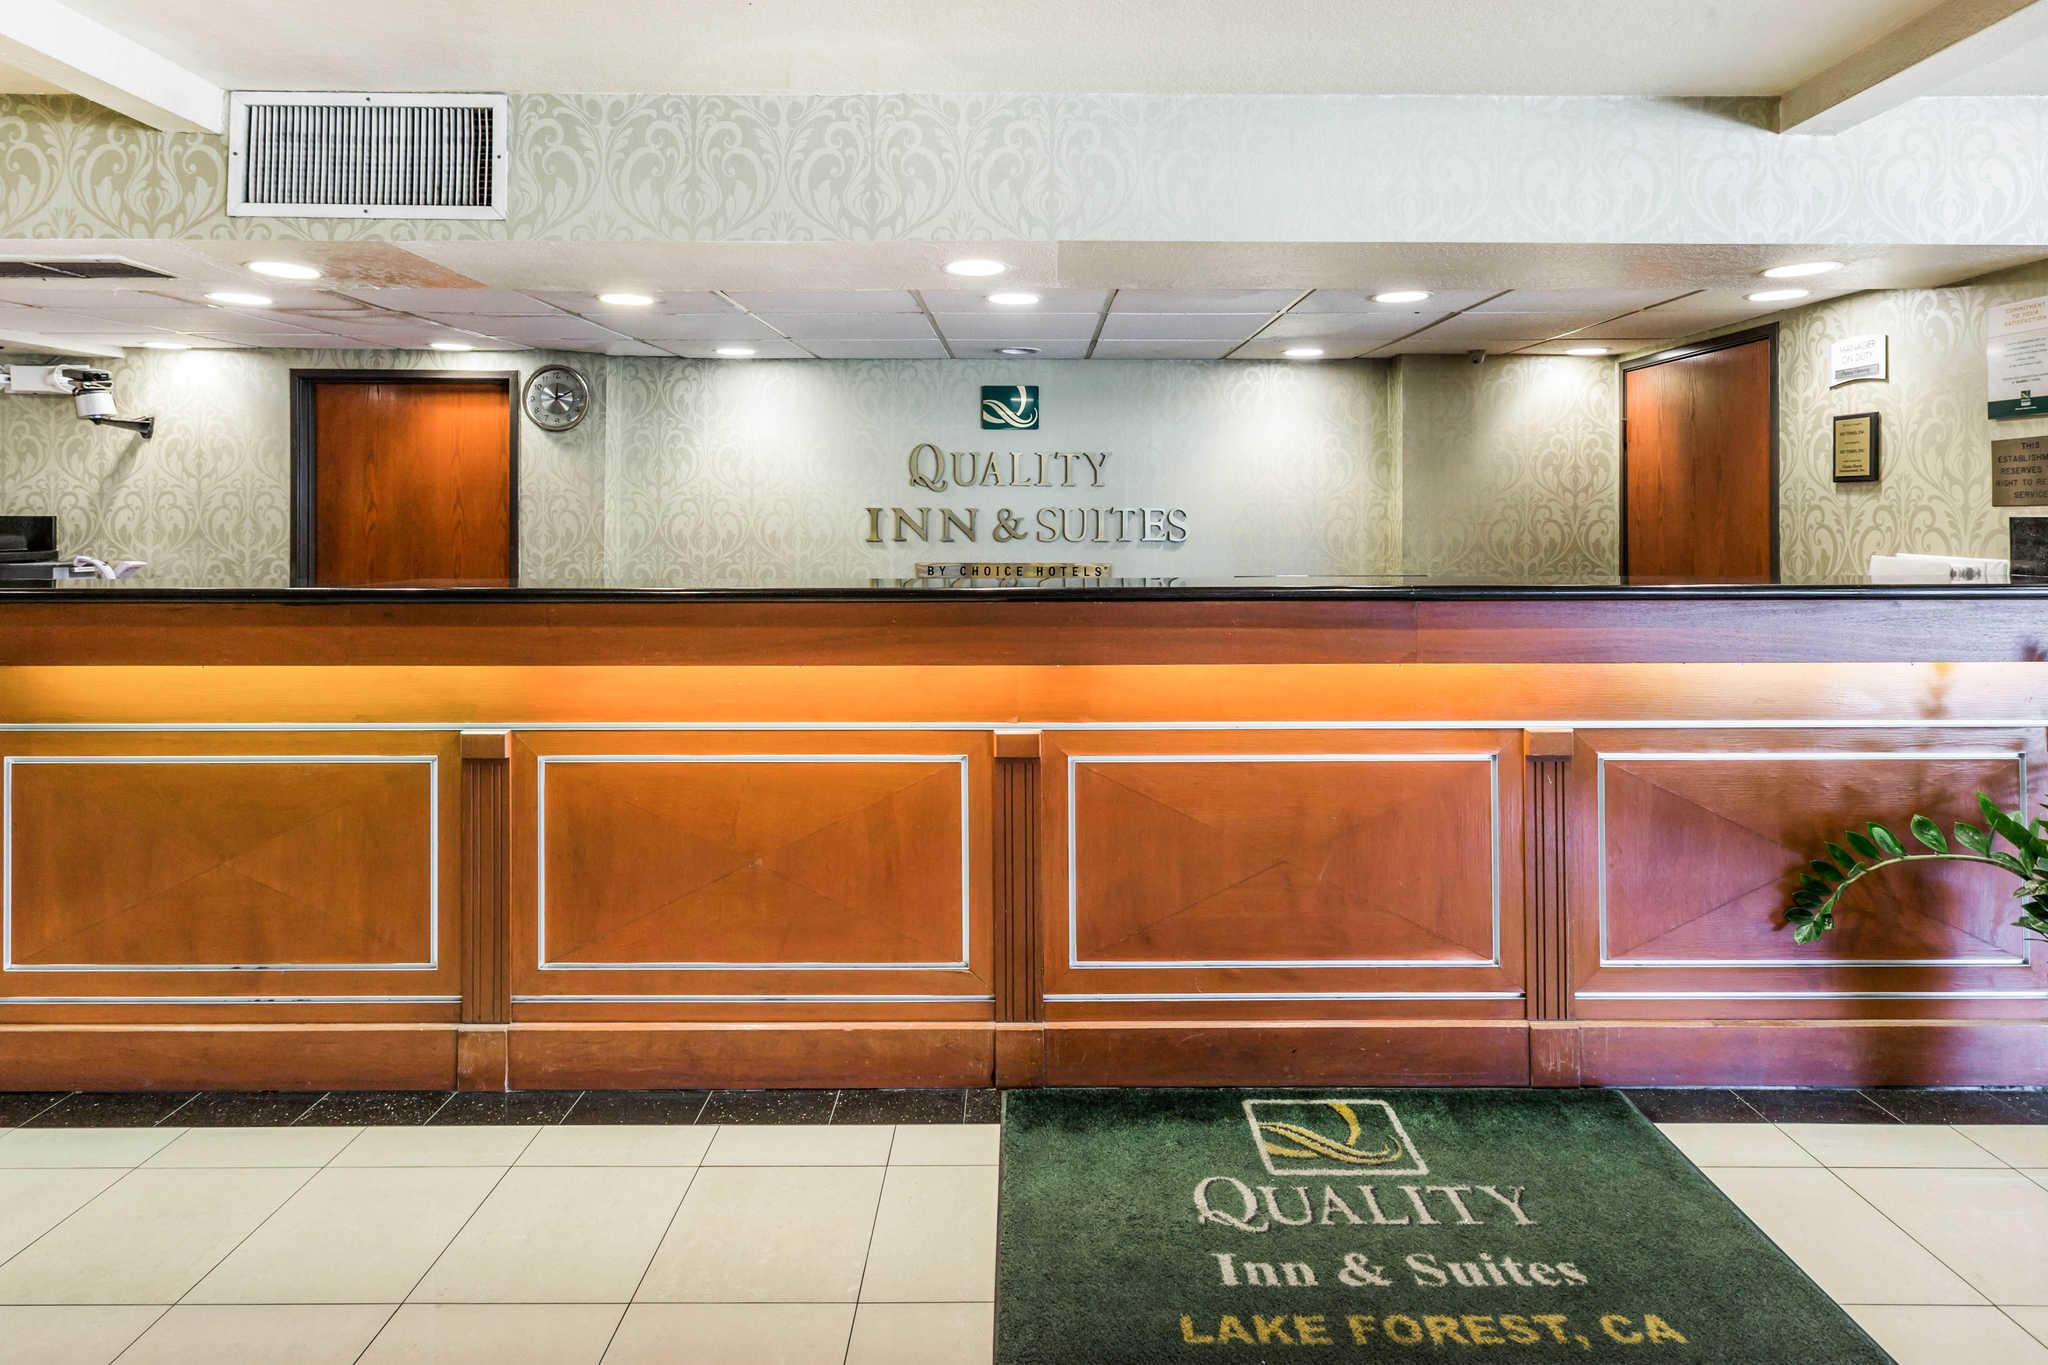 Quality Inn & Suites Irvine Spectrum image 5